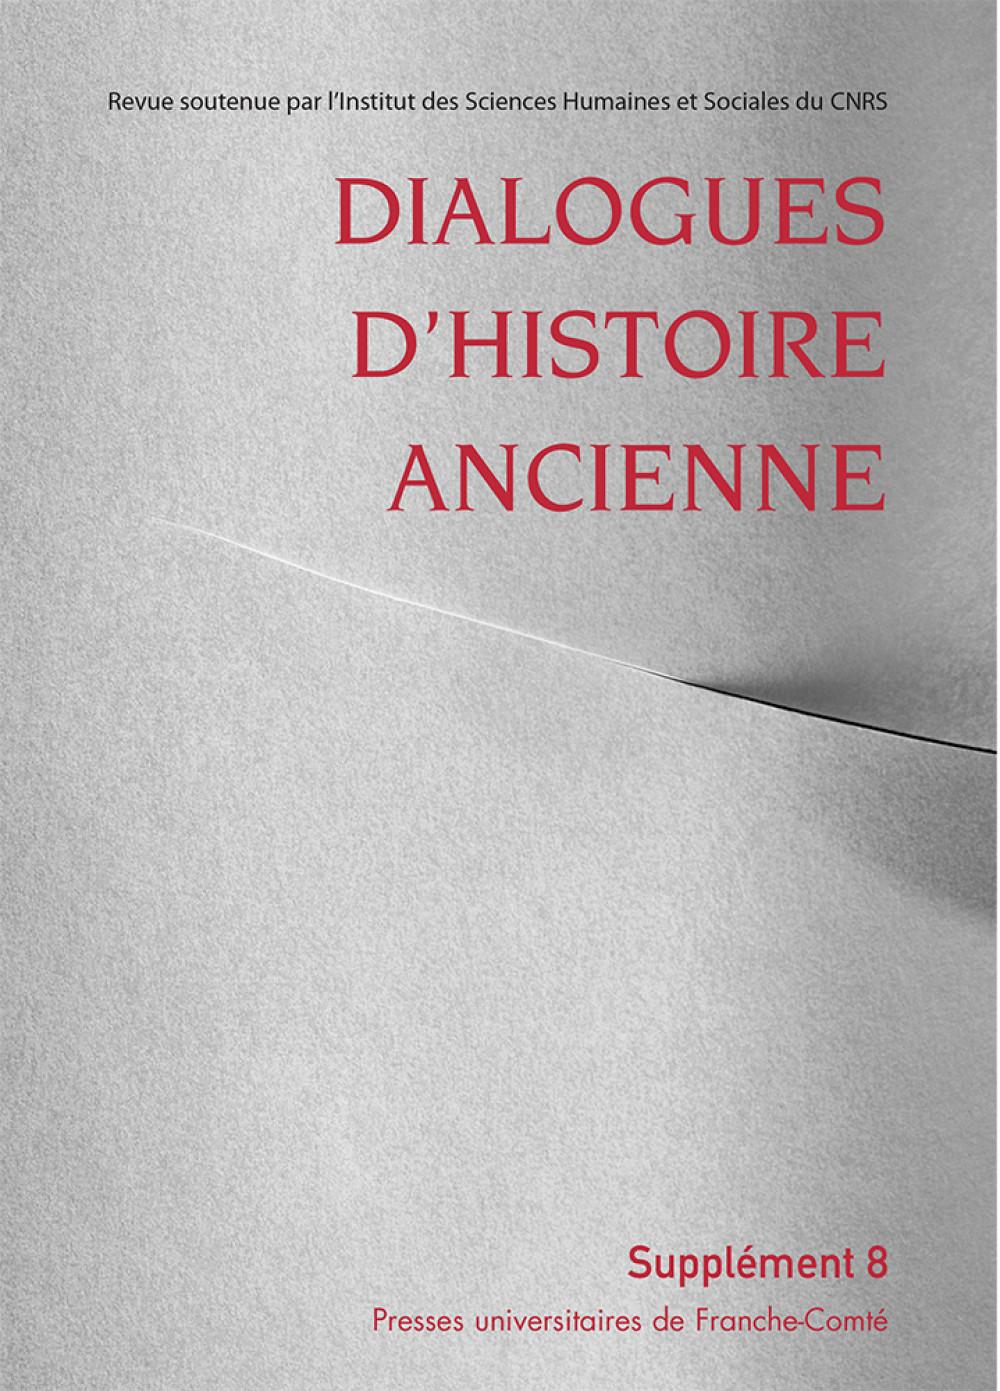 Dialogues d'Histoire Ancienne supplément 8